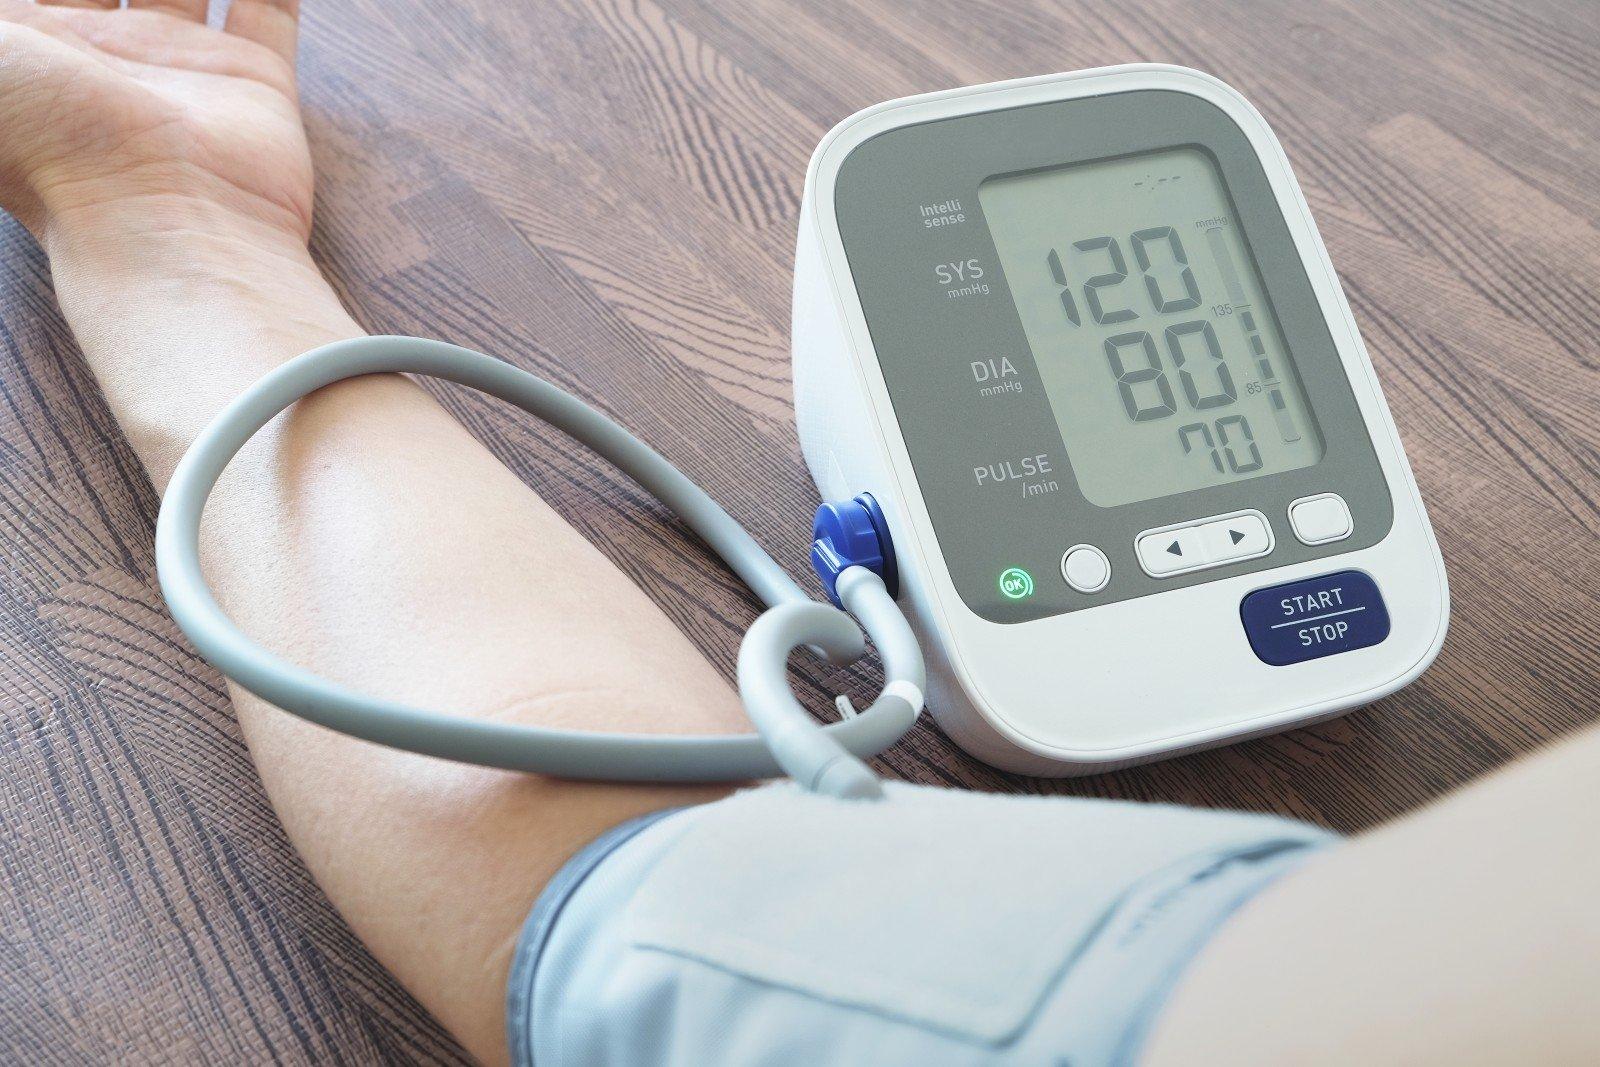 nauda sveikatai paieškos man širdies žolė neįgalumo hipertenzija, 3 rizika